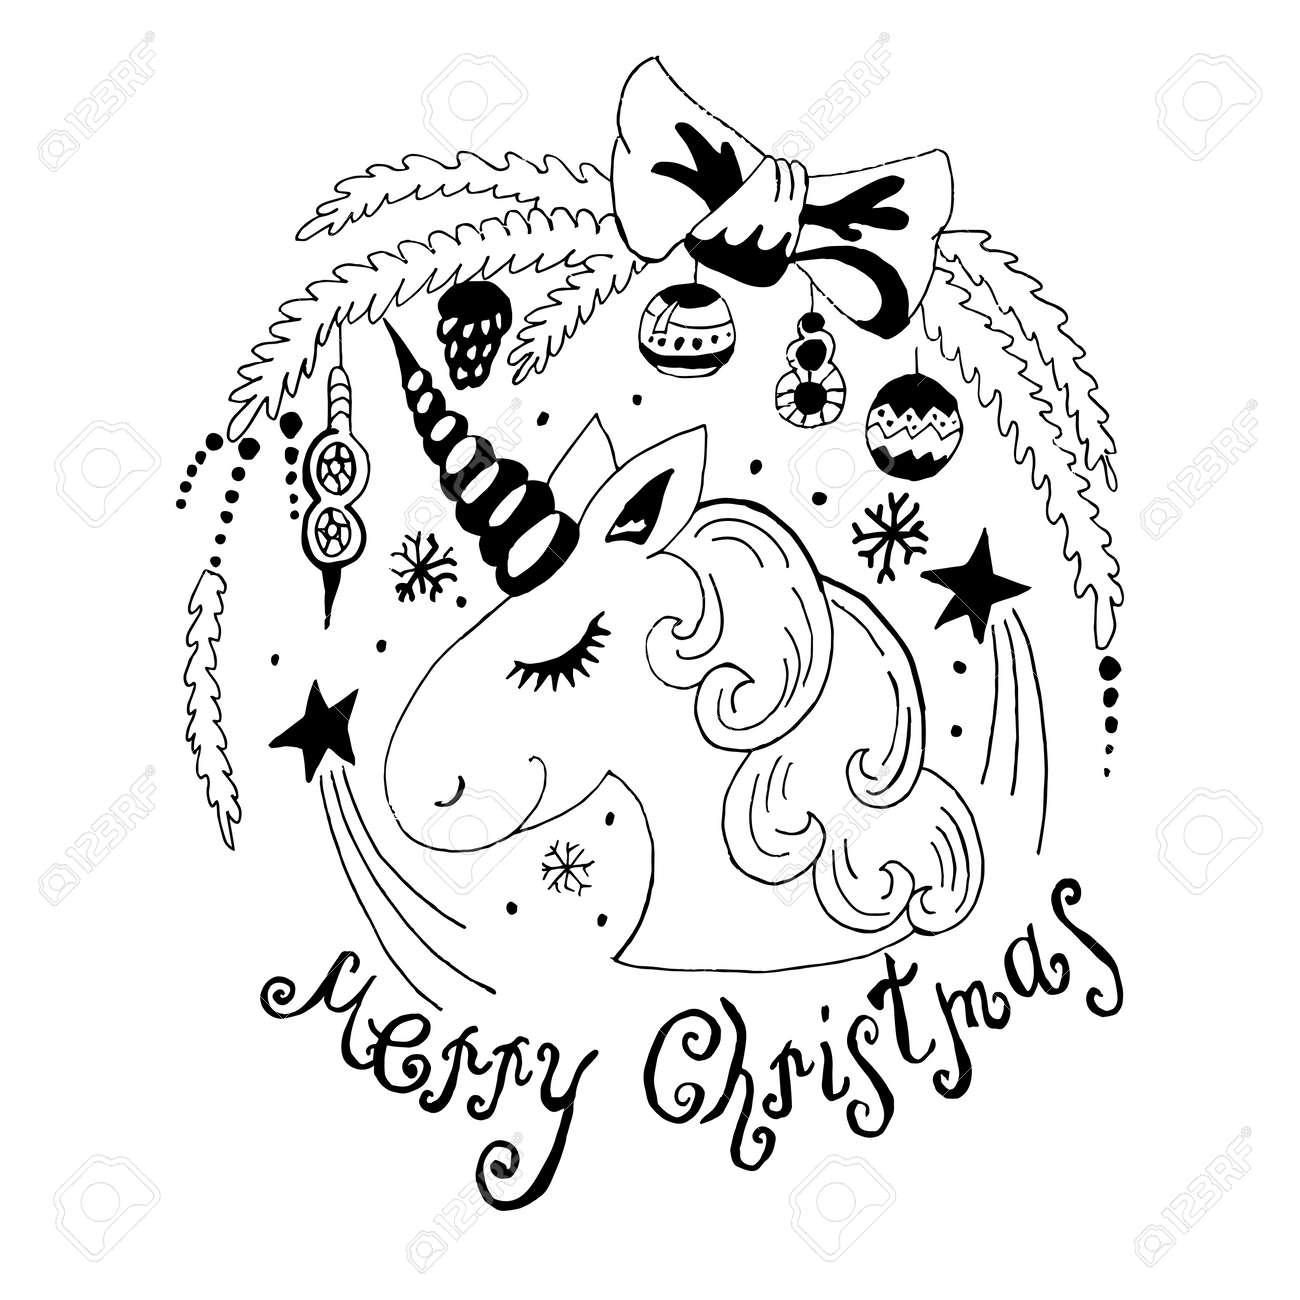 Estilo De Dibujos Animados Dibuja La Ilustración De Navidad De Unicornio Sobre Fondo Blanco Elemento Decorativo Para Niños Y Adultos Libro De